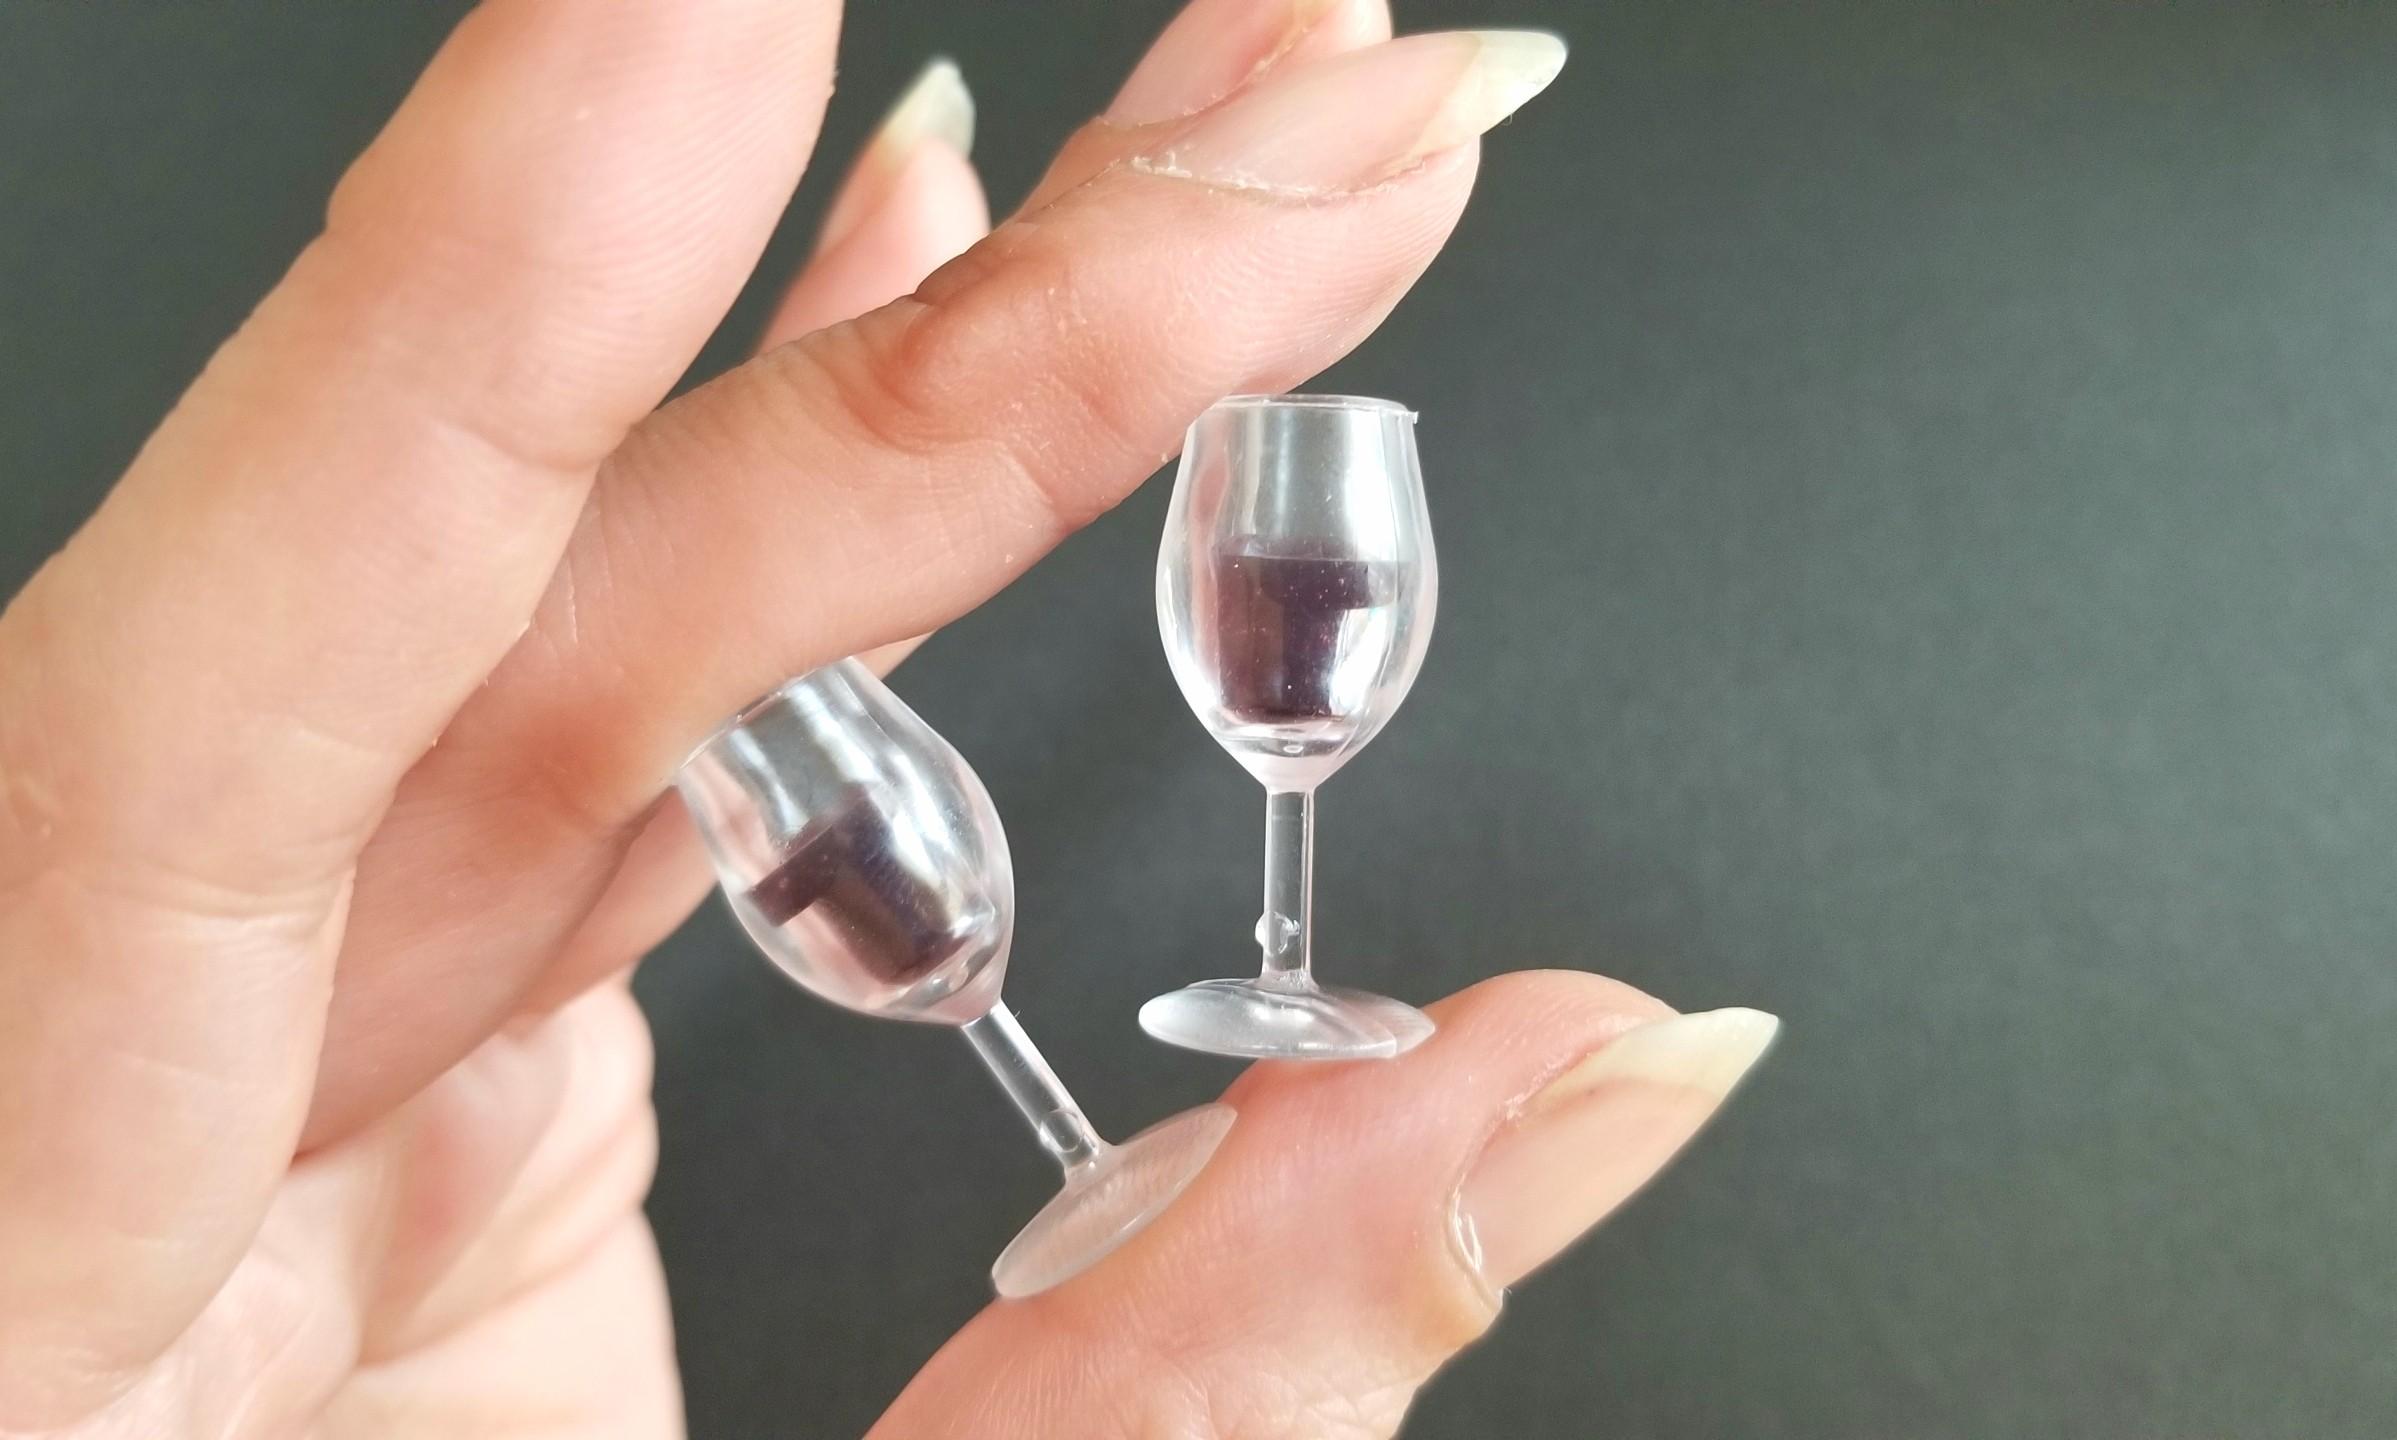 ミニチュア,シャンパン,ワイン,ファニカ,あまむす,バービー人形